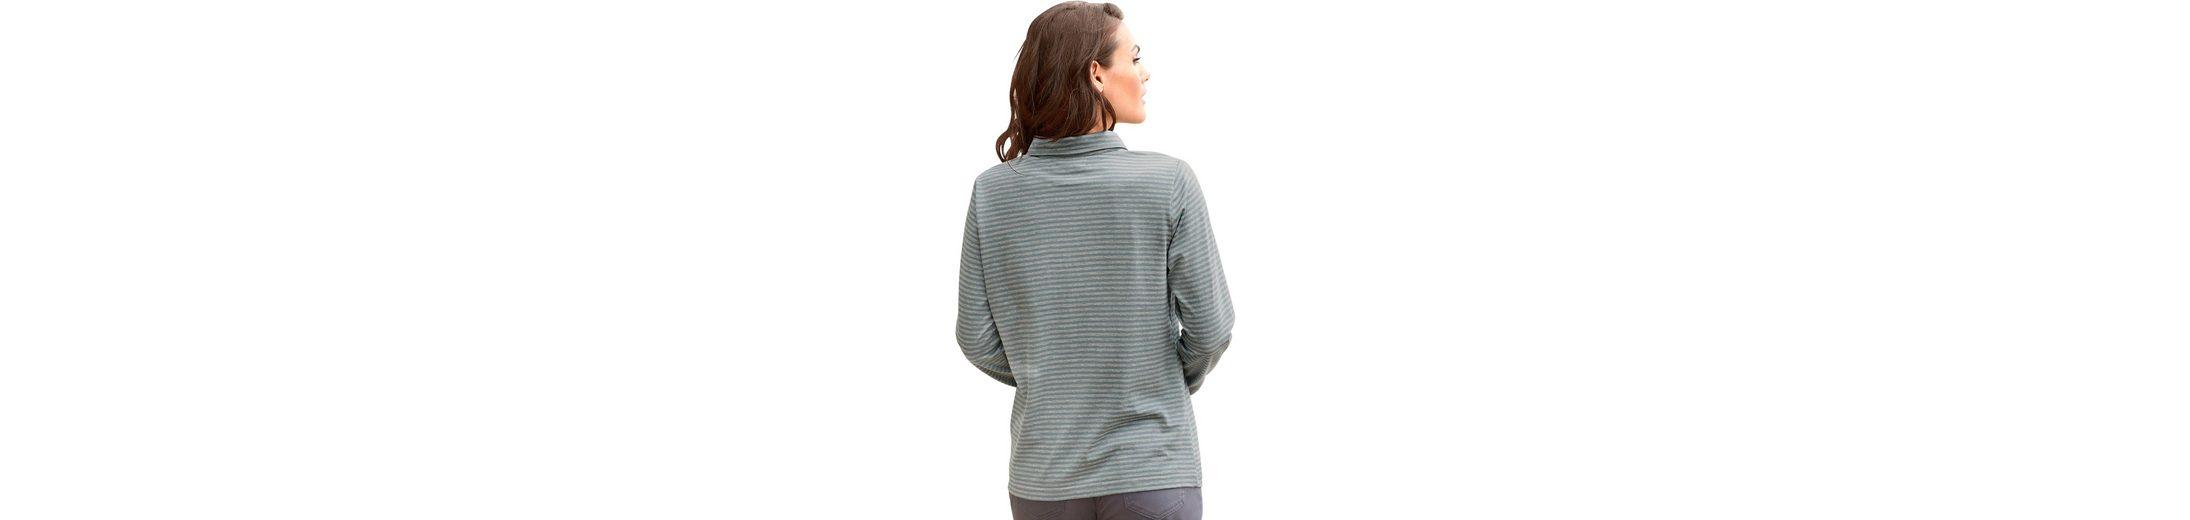 Günstiger Preis In Deutschland Verkauf Großhandelspreis Collection L. Shirt im garngefärbten Melange Ringel 9C4Q8wEhU